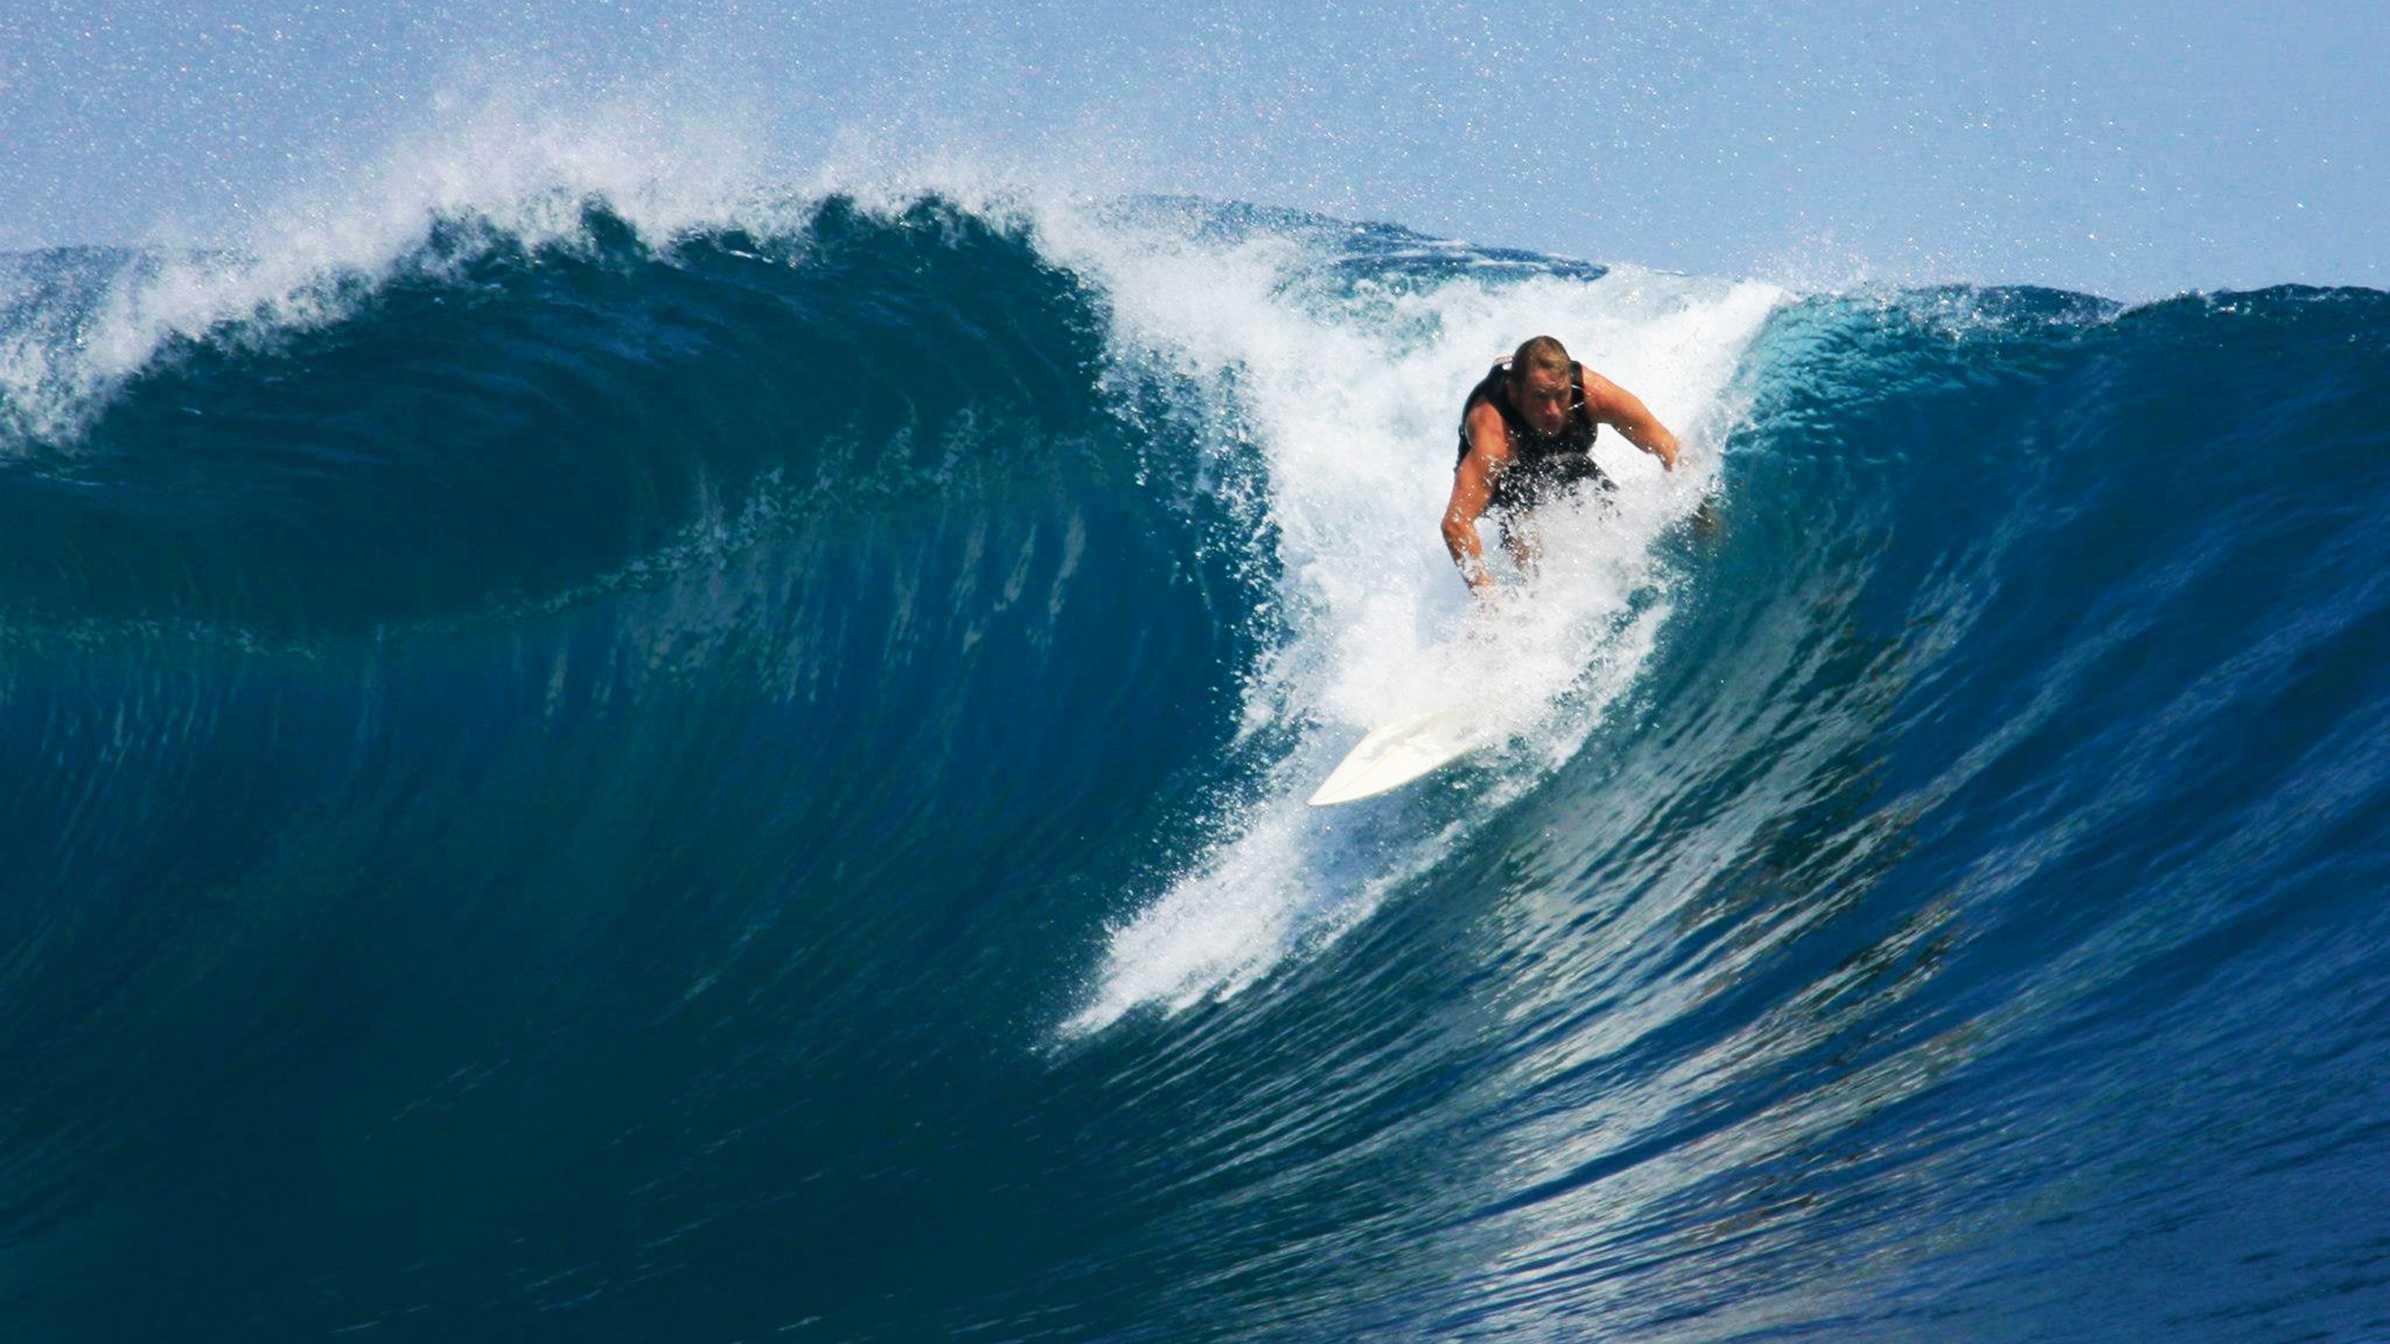 dylan surfing2.jpg